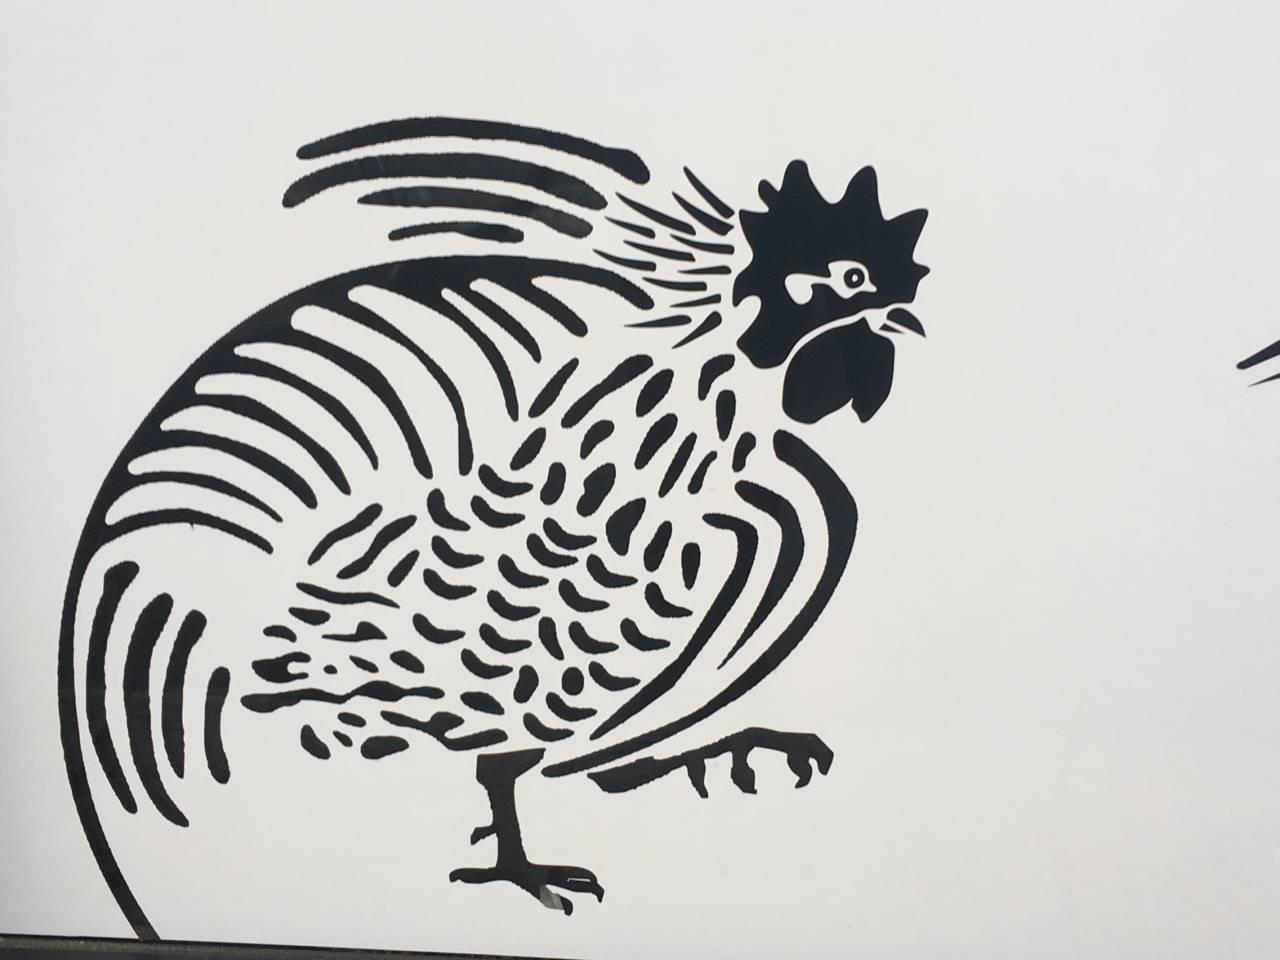 竹末東京プレミアム店舗外観に書かれた鶏